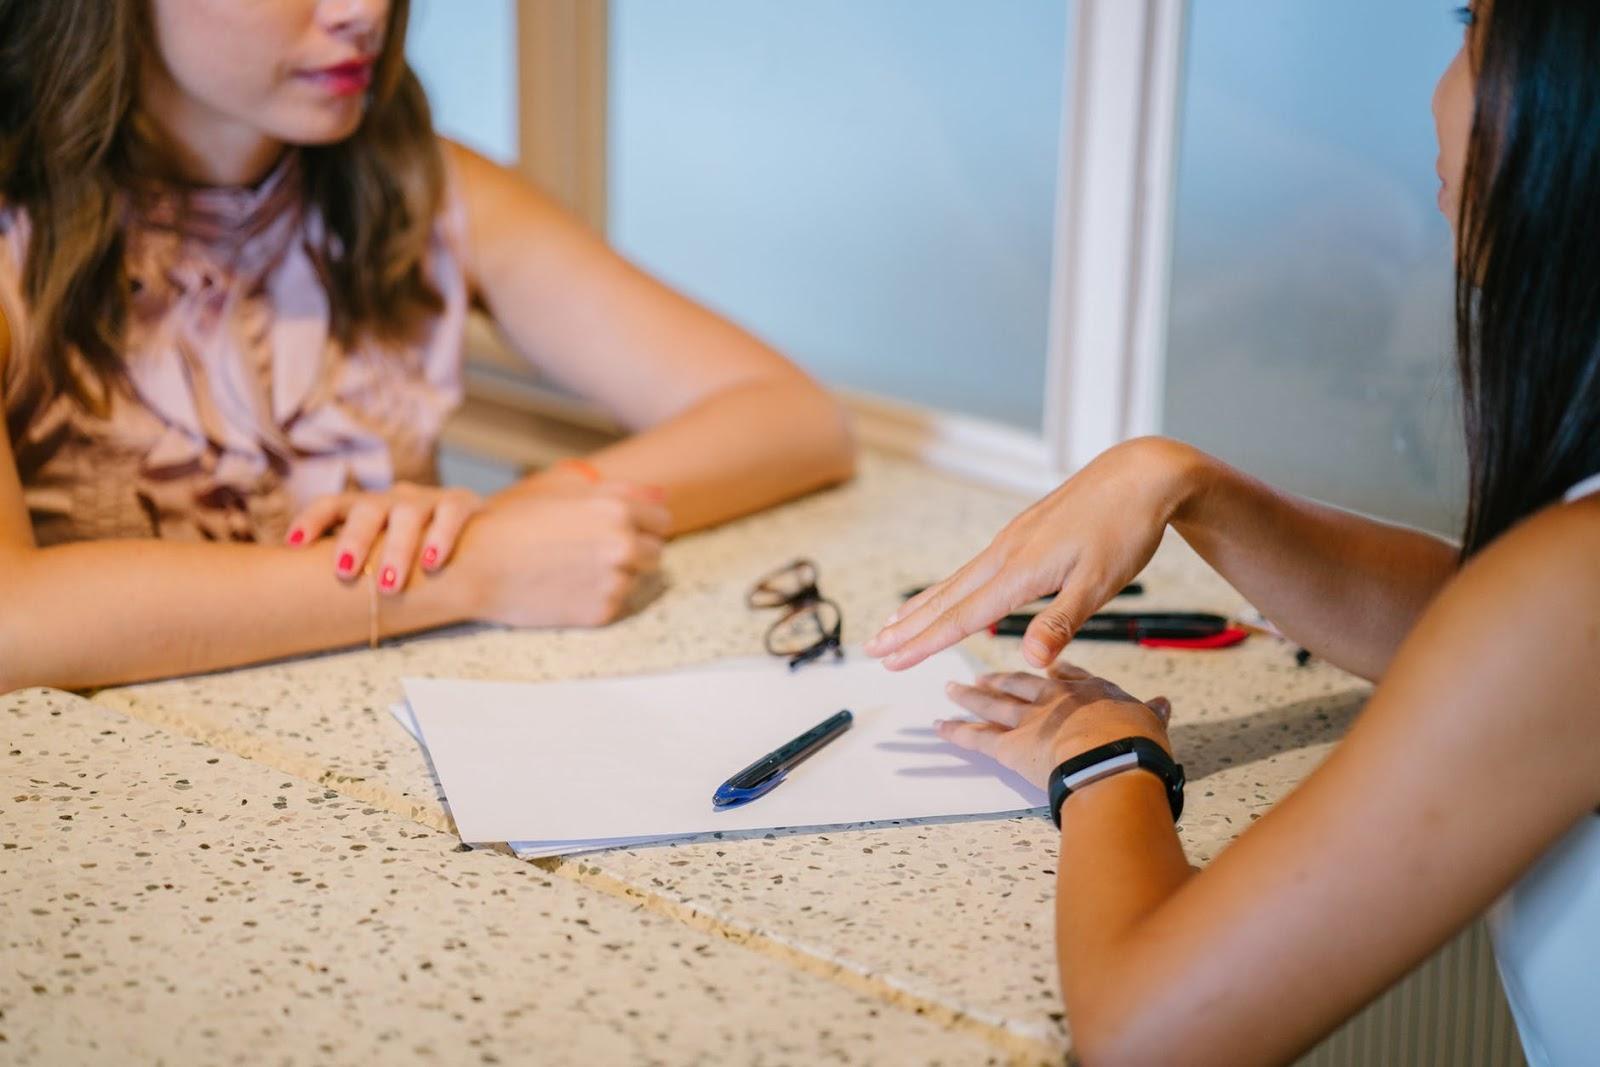 How to get an internship: Two women having an interview at a desk